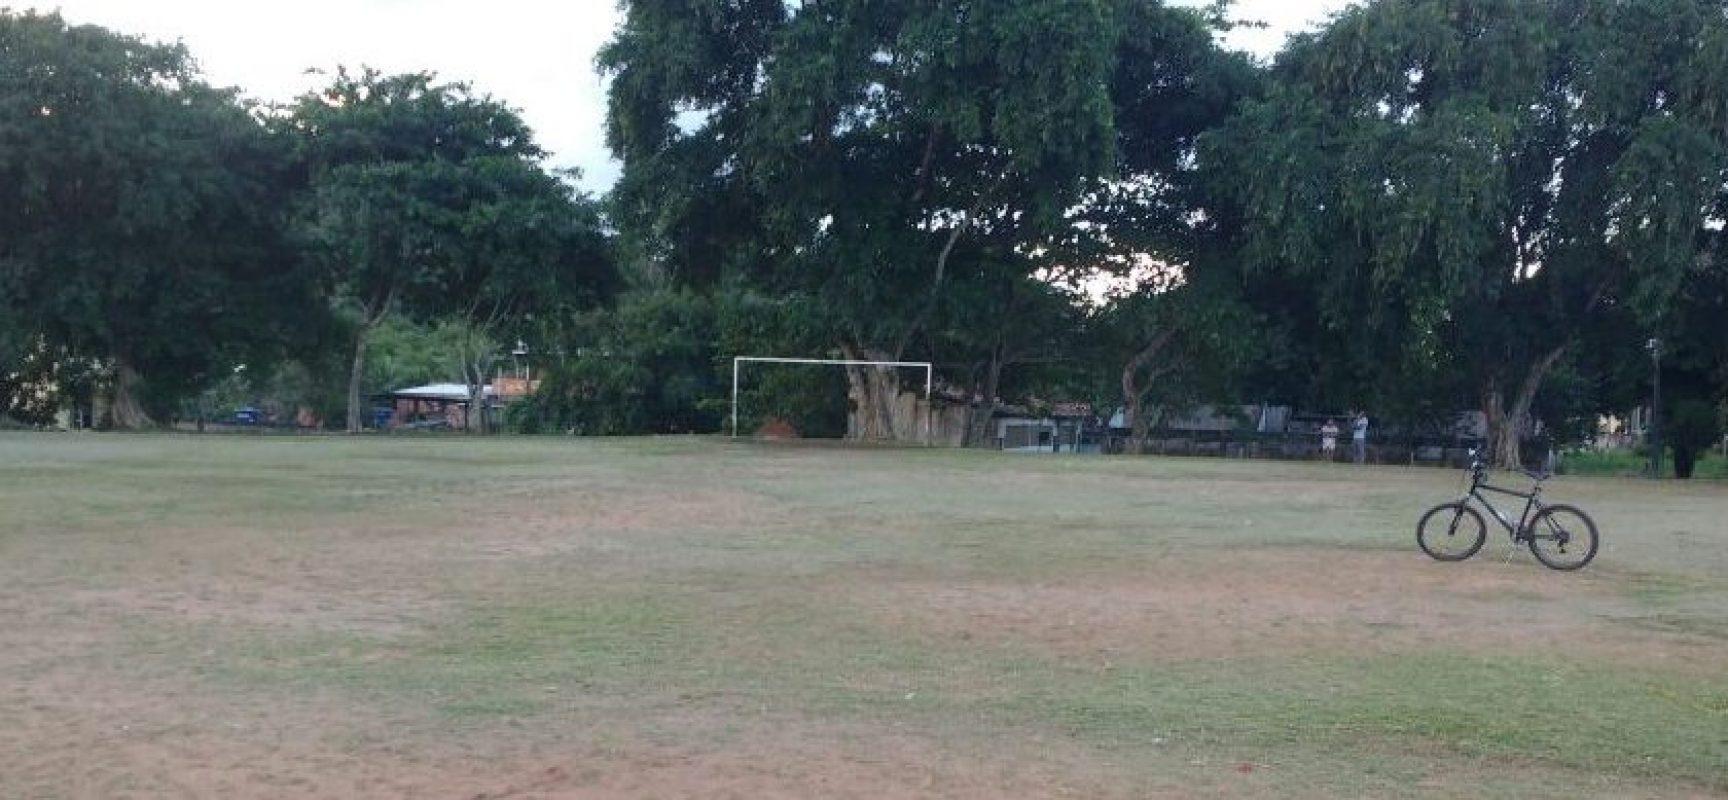 Copa Ilhéus de Futebol começa nesse domingo (29) – confira a tabela de jogos